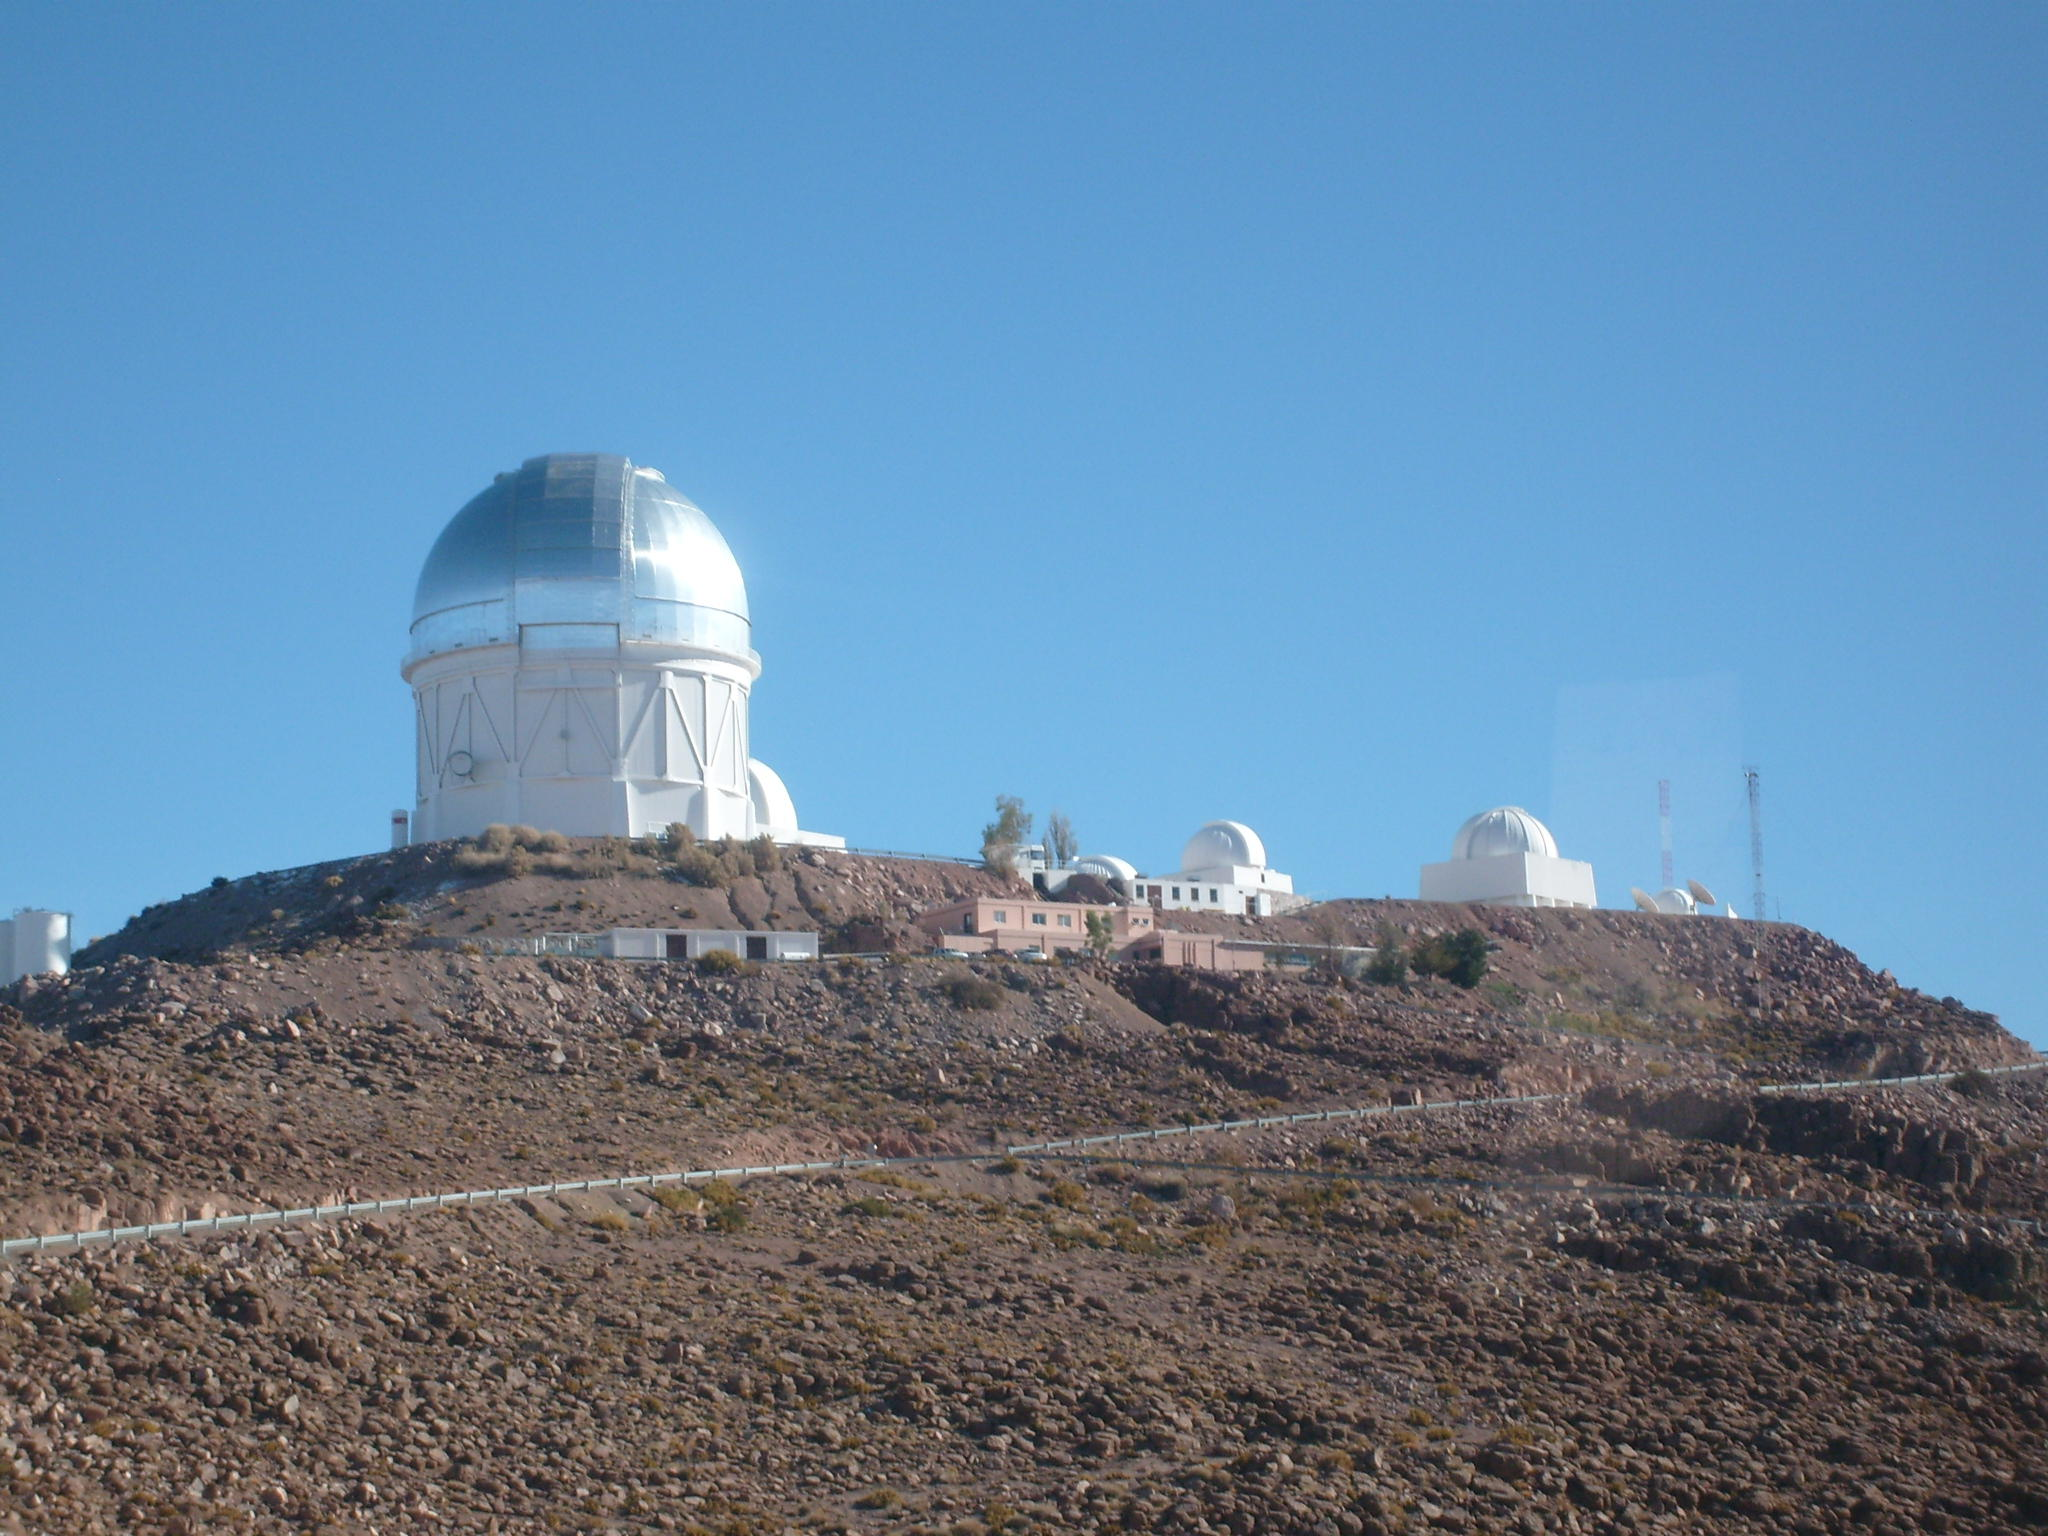 Observatorio del cerro Tololo